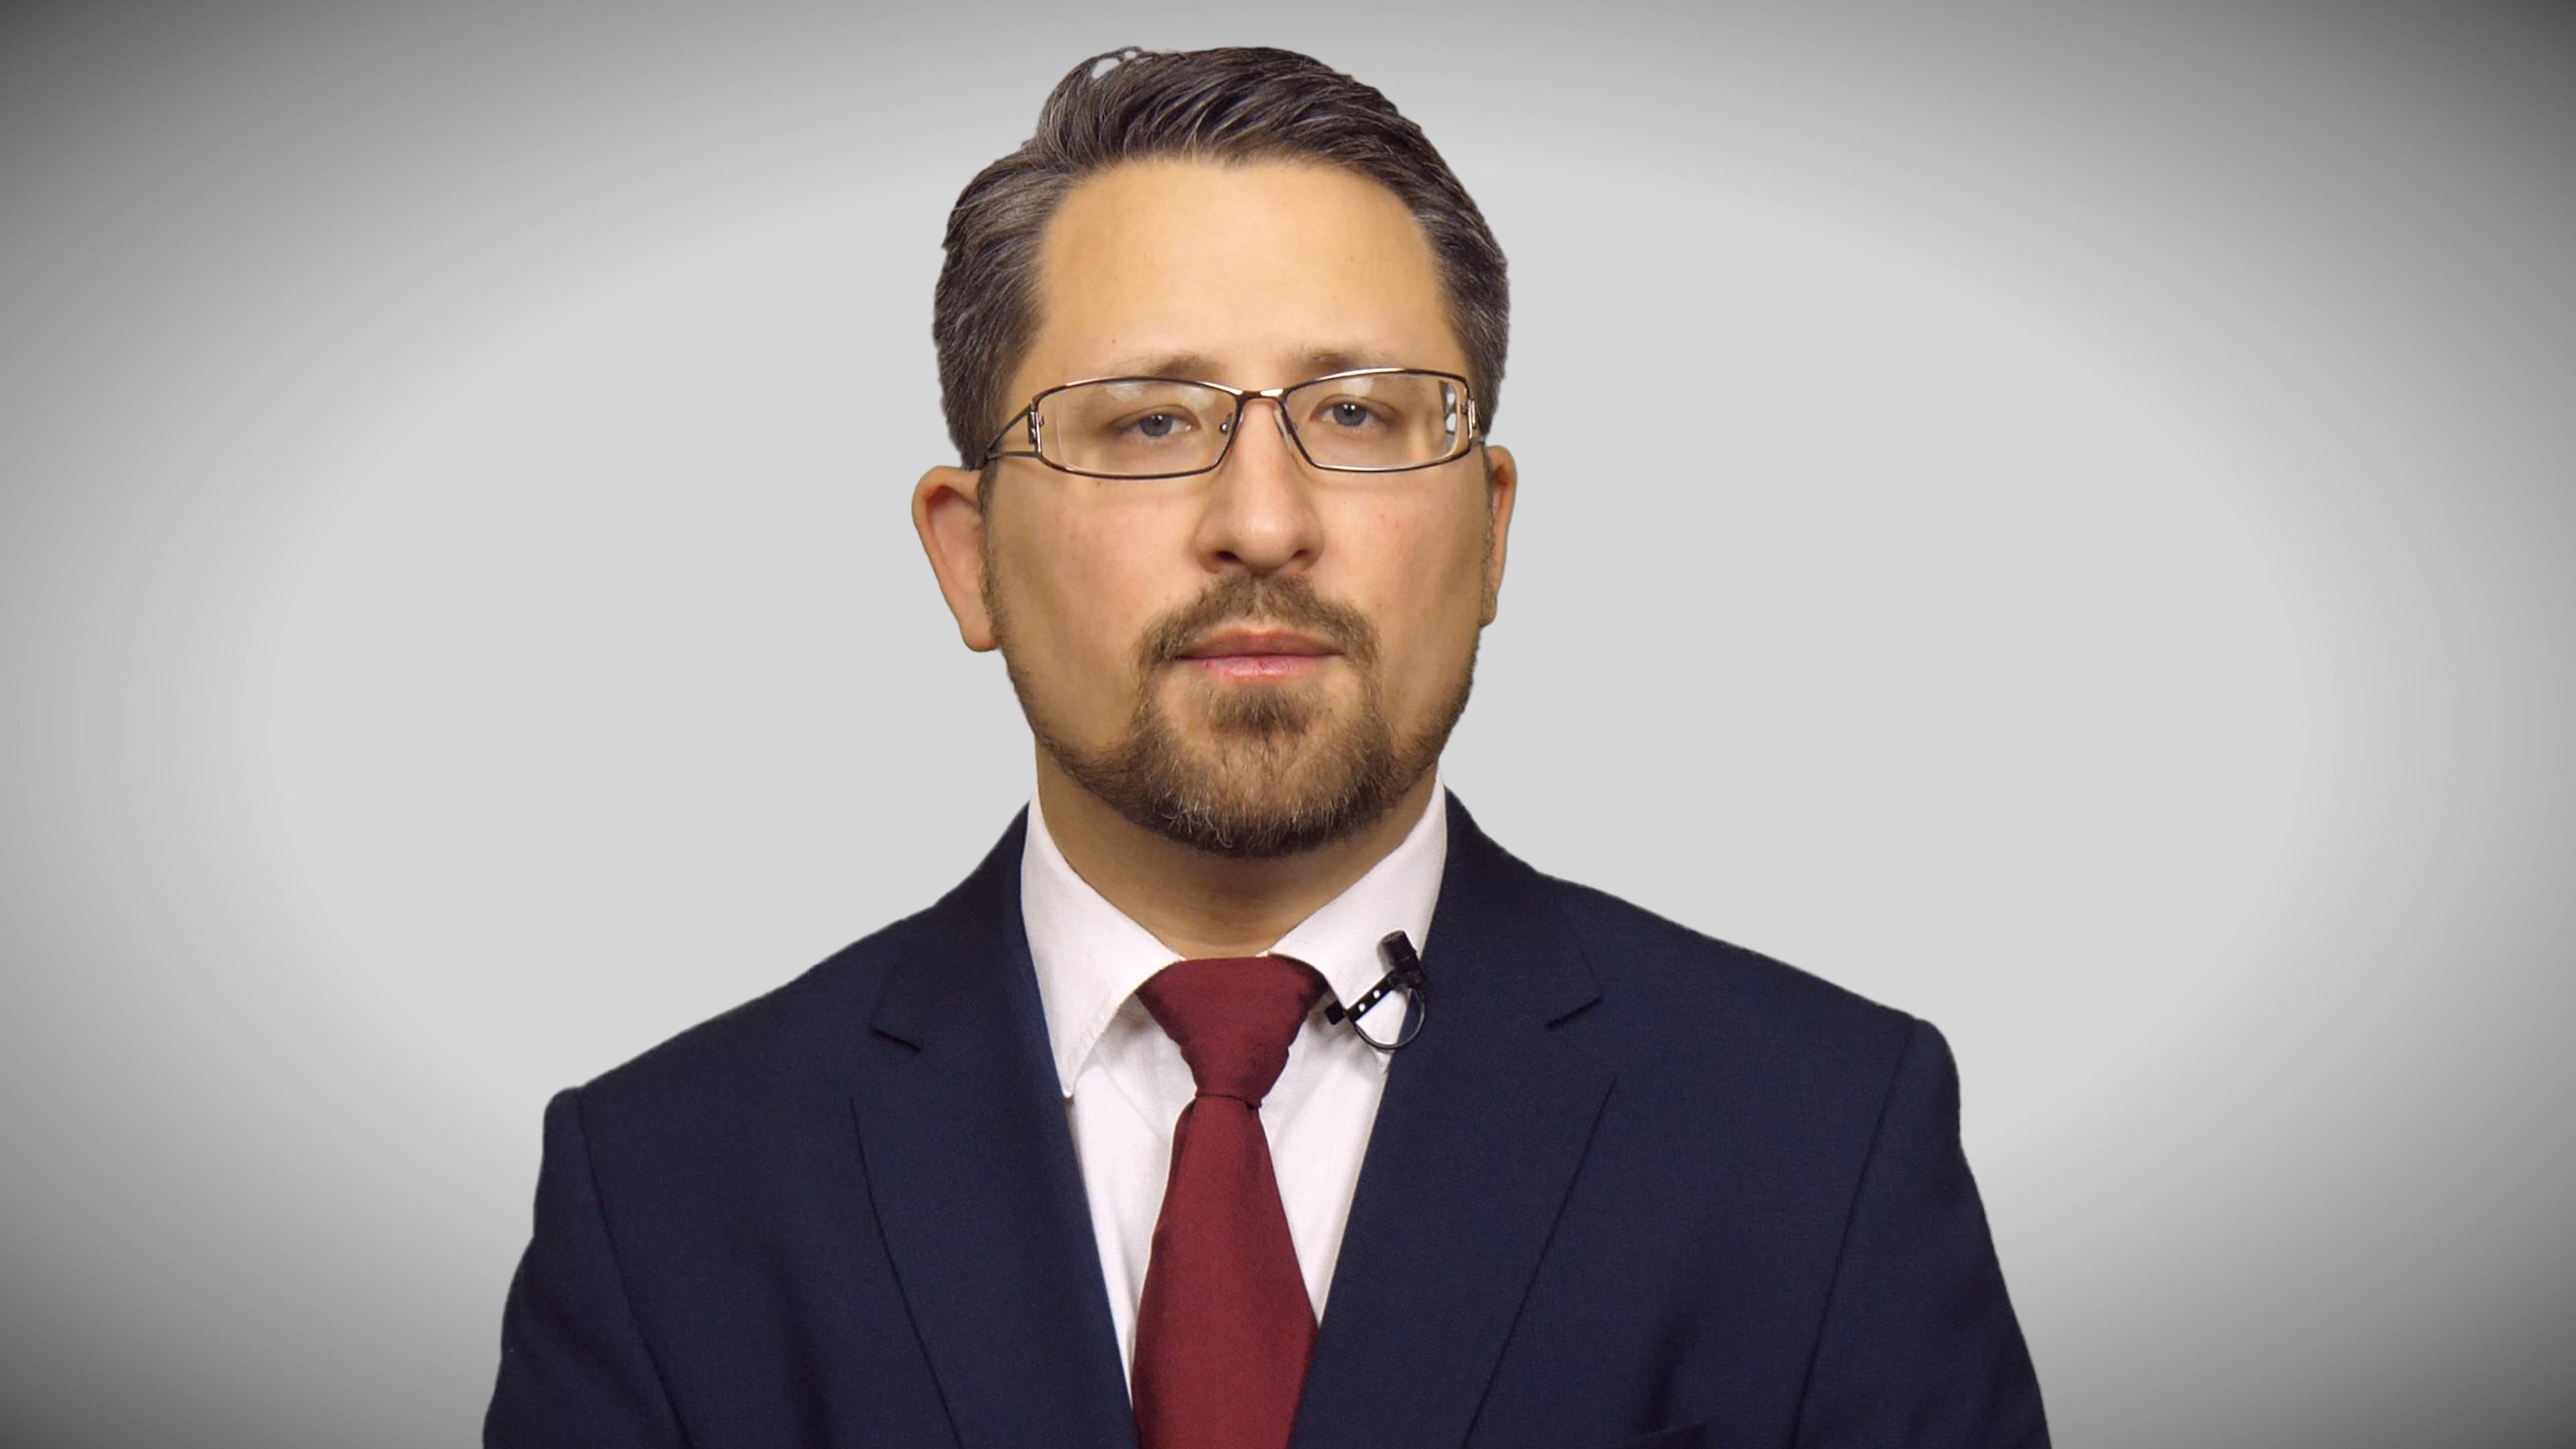 Büki Szabolcs - energetikai és biztonságpolitikai szakértő